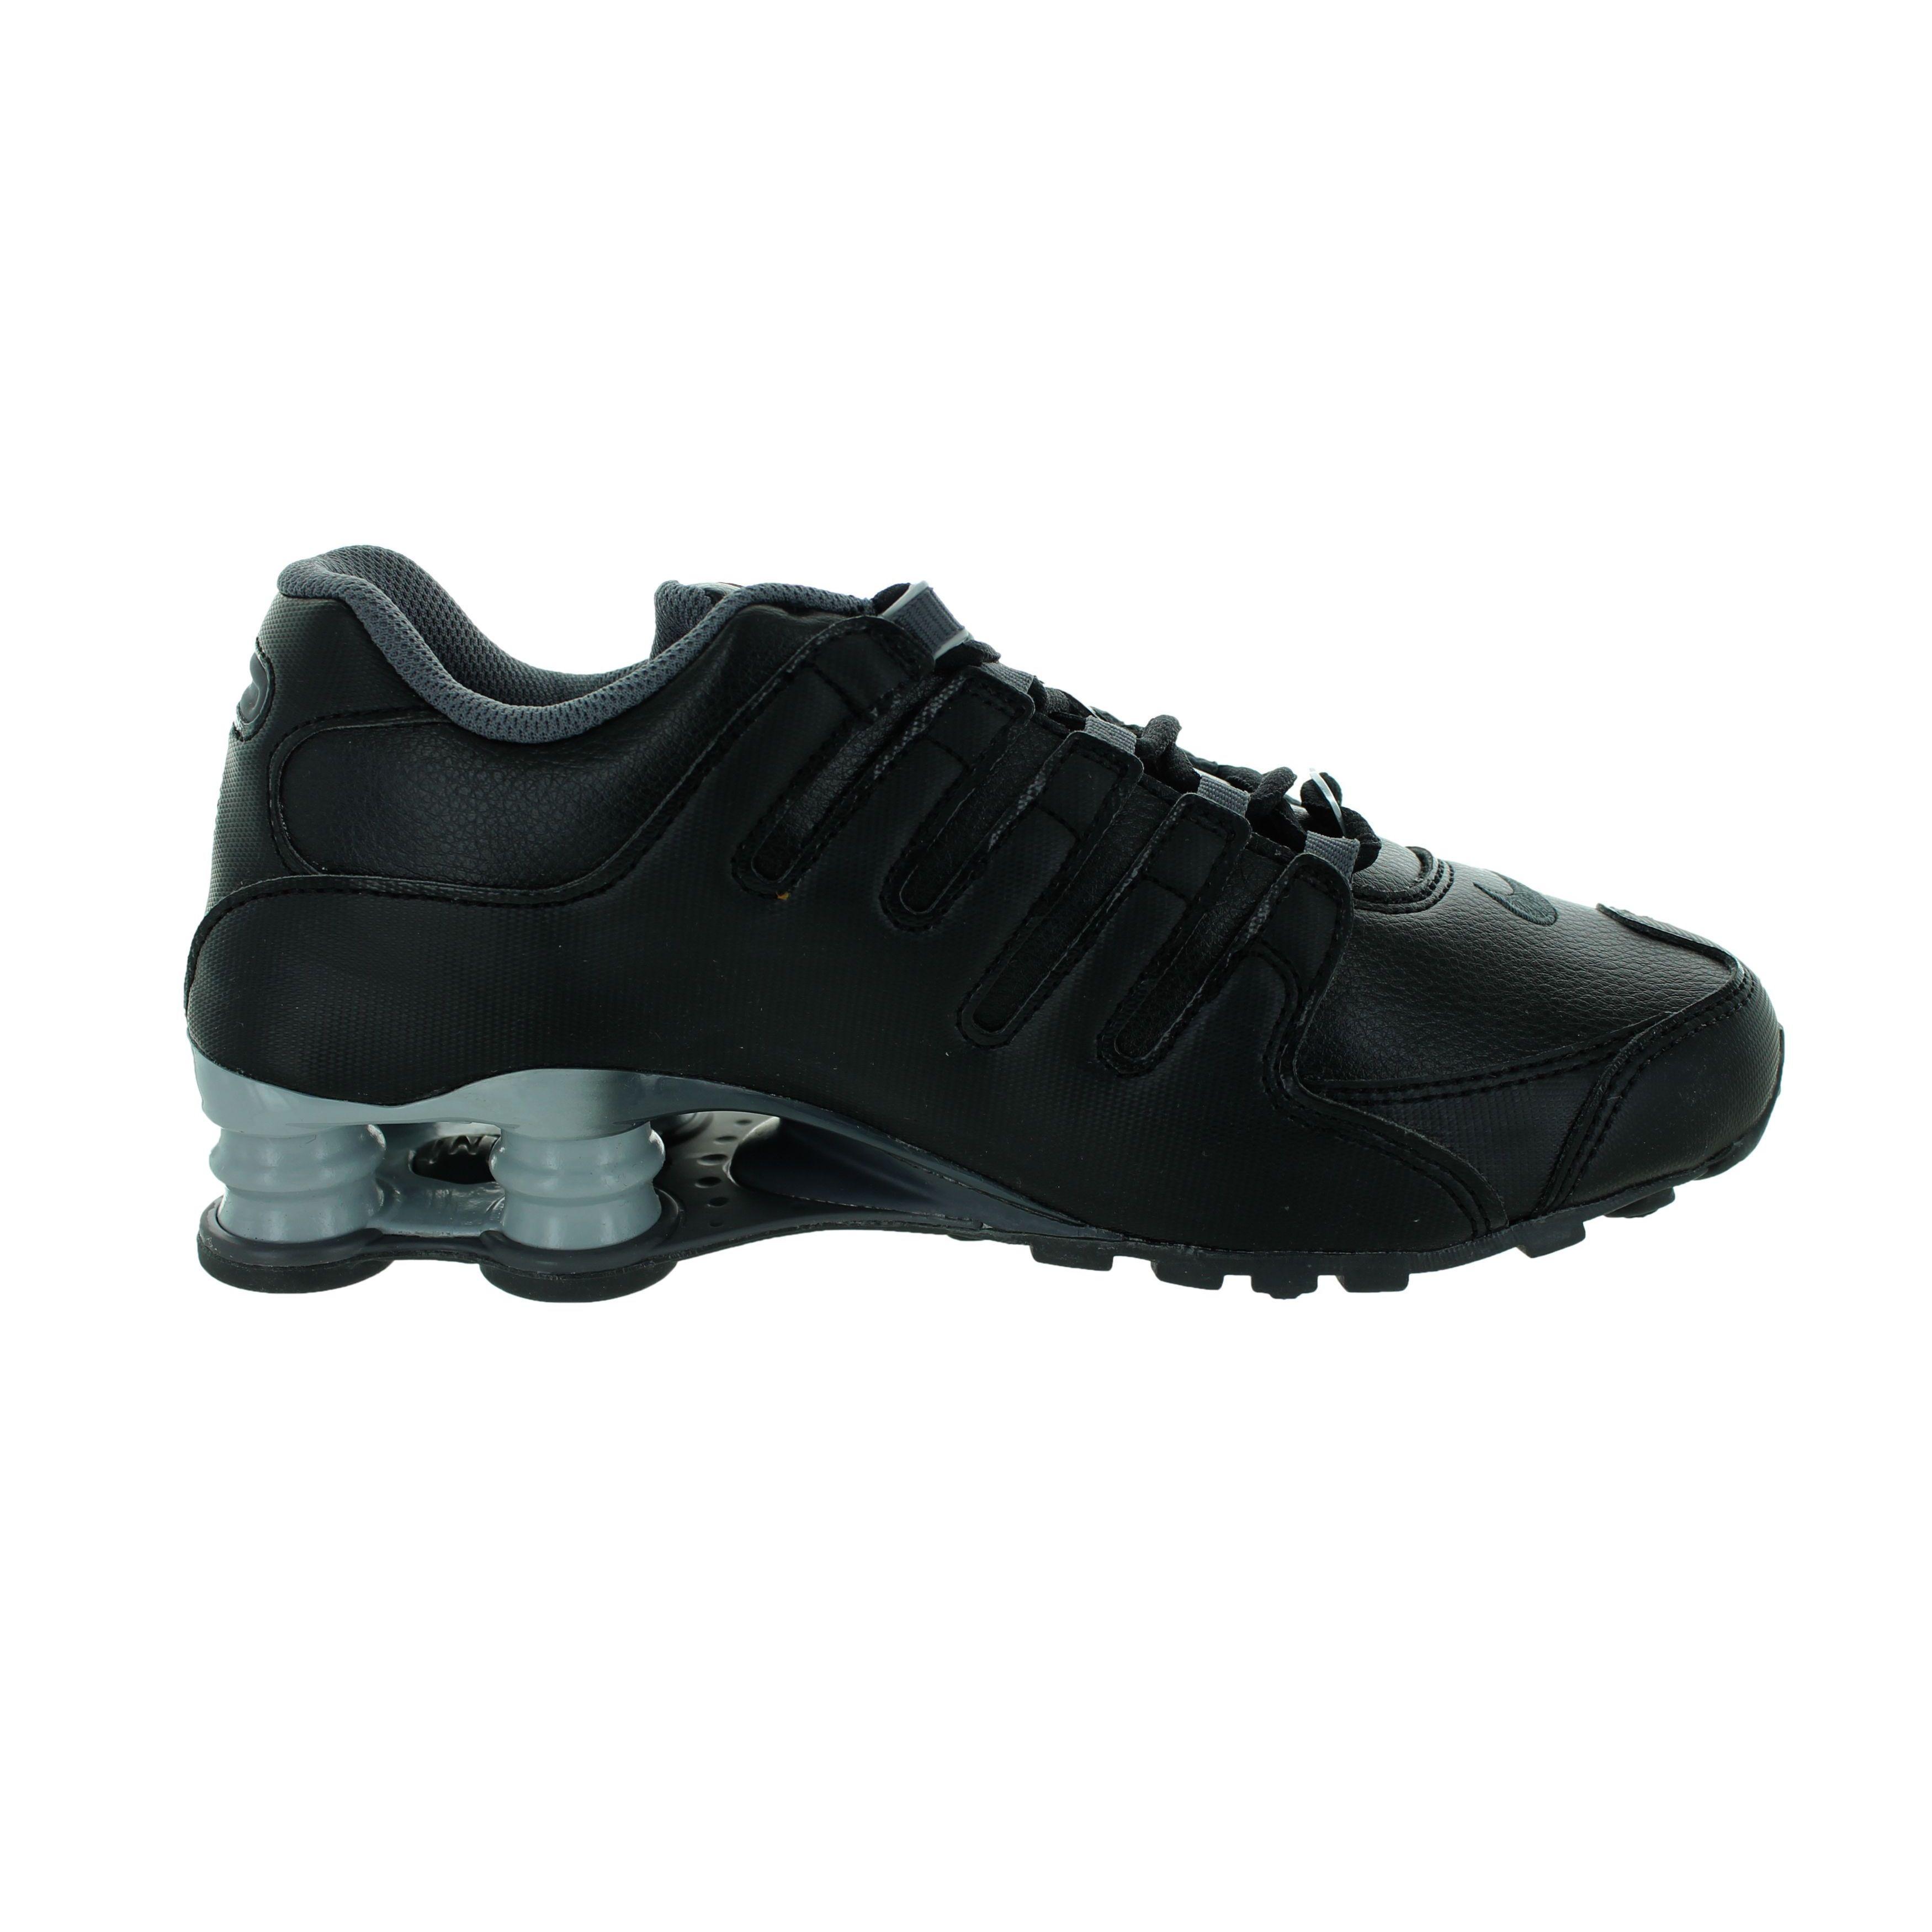 Shop Nike Women s Shox NZ EU Black Leather Running Shoes - Free Shipping  Today - Overstock - 12362319 5349665f9